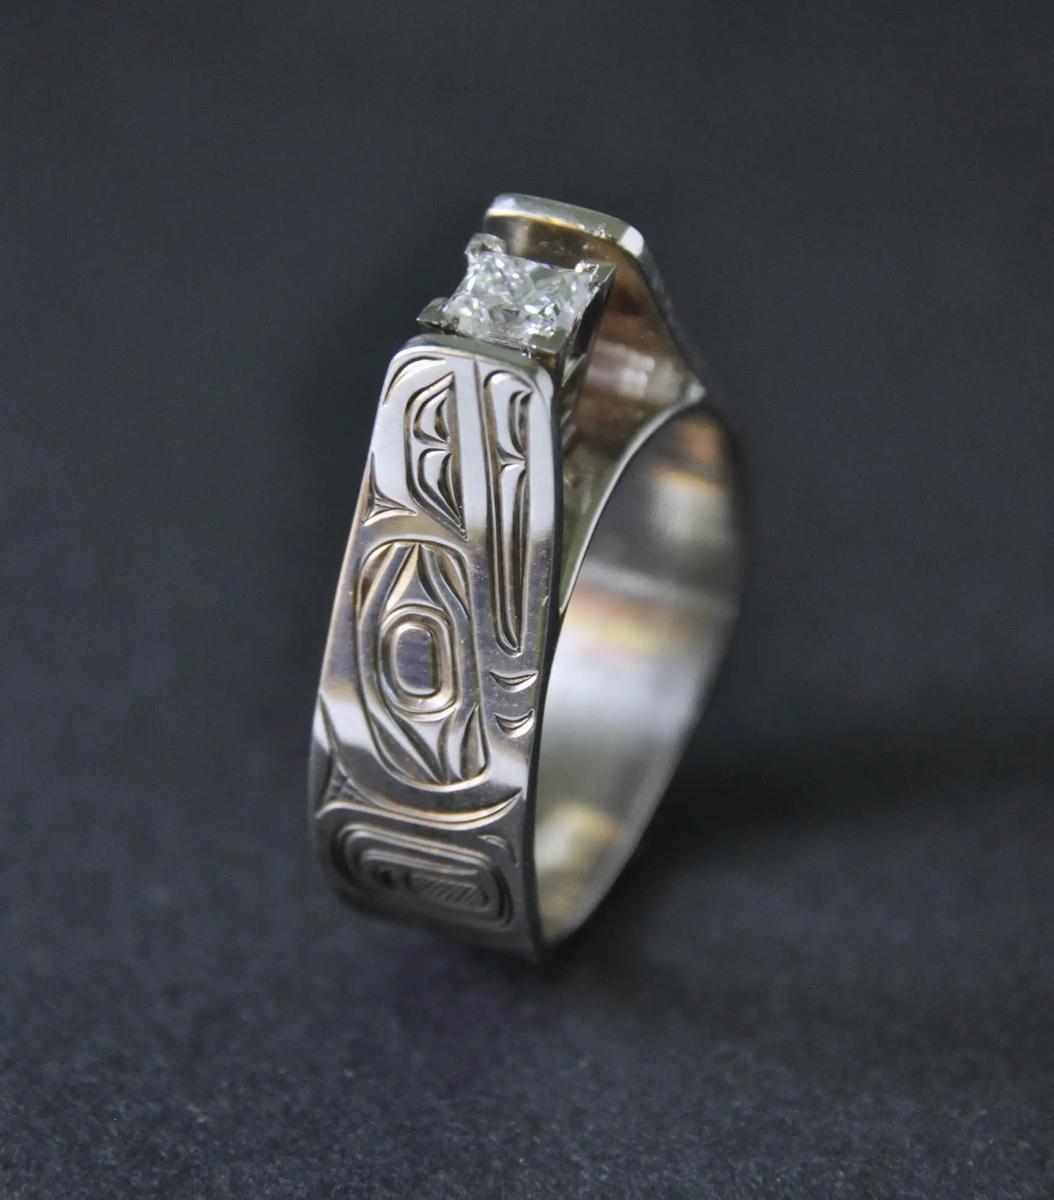 Raven White Gold & Diamond Ring